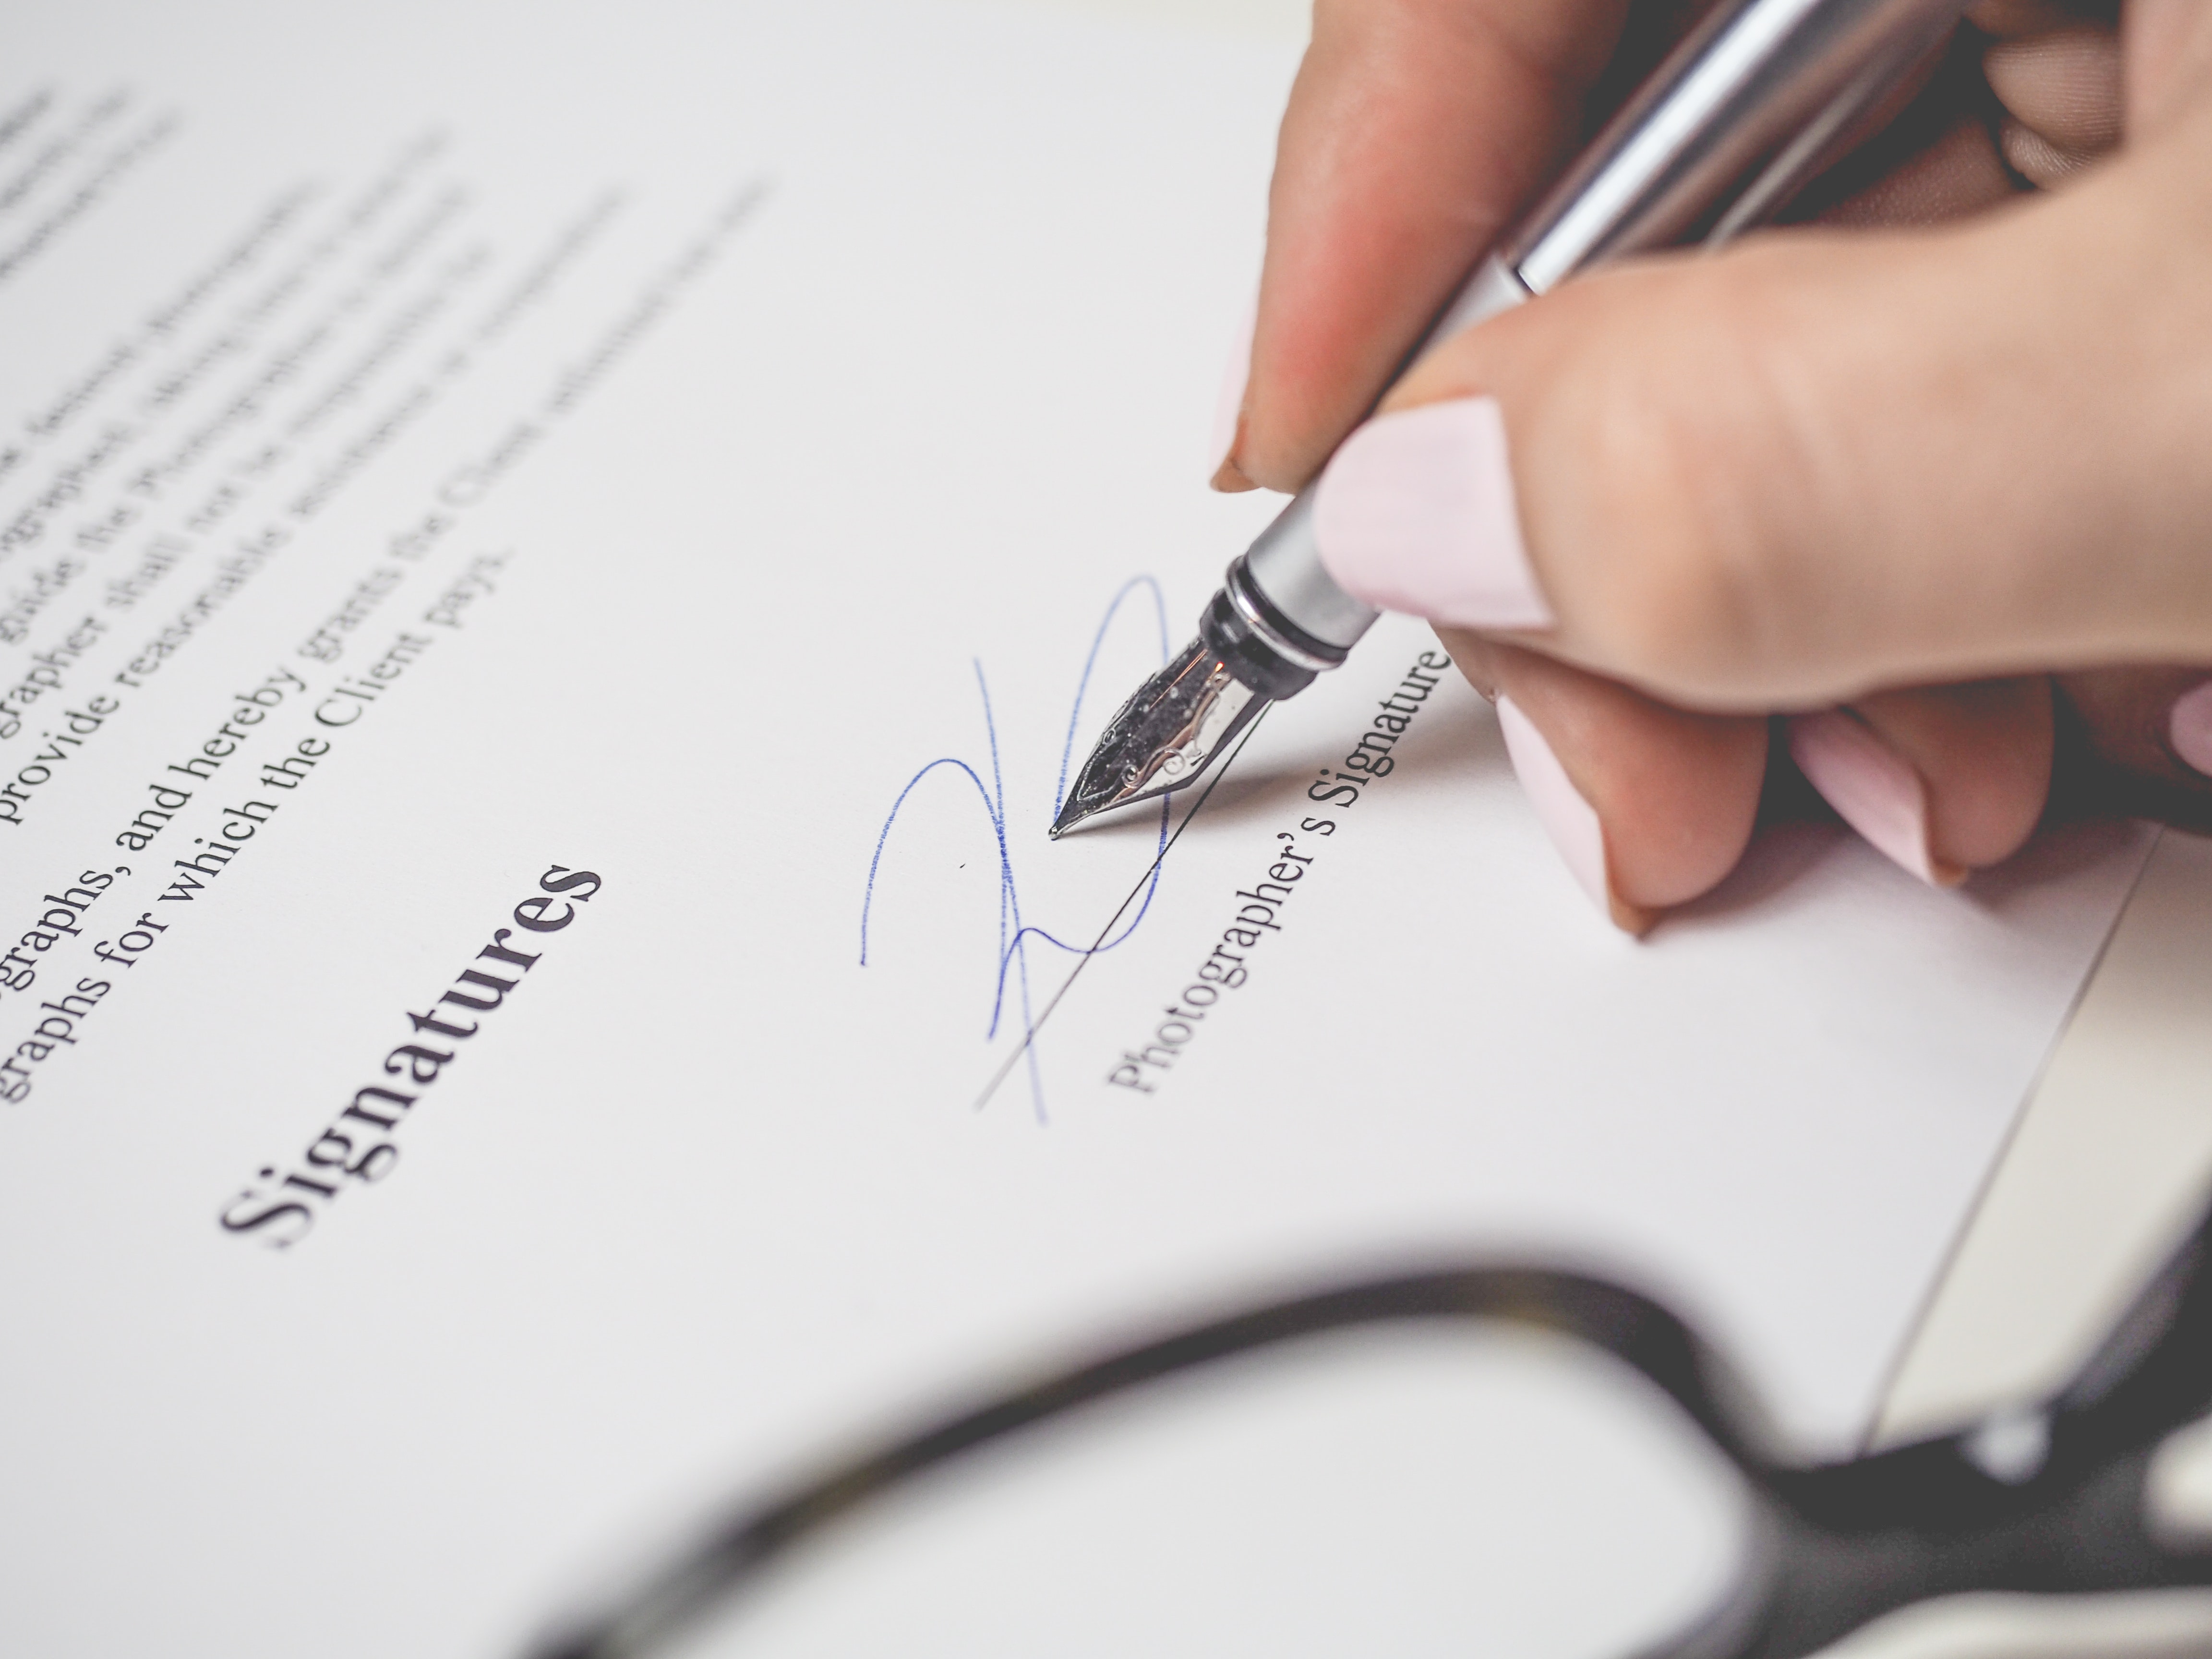 zdjęcie do W artykule wyjaśniamy jak zachować się w sytuacji, gdy deweloper uchyla się od podpisania aktu notarialnego oraz jak zmusić go do podpisania umowy przenoszącej własność.